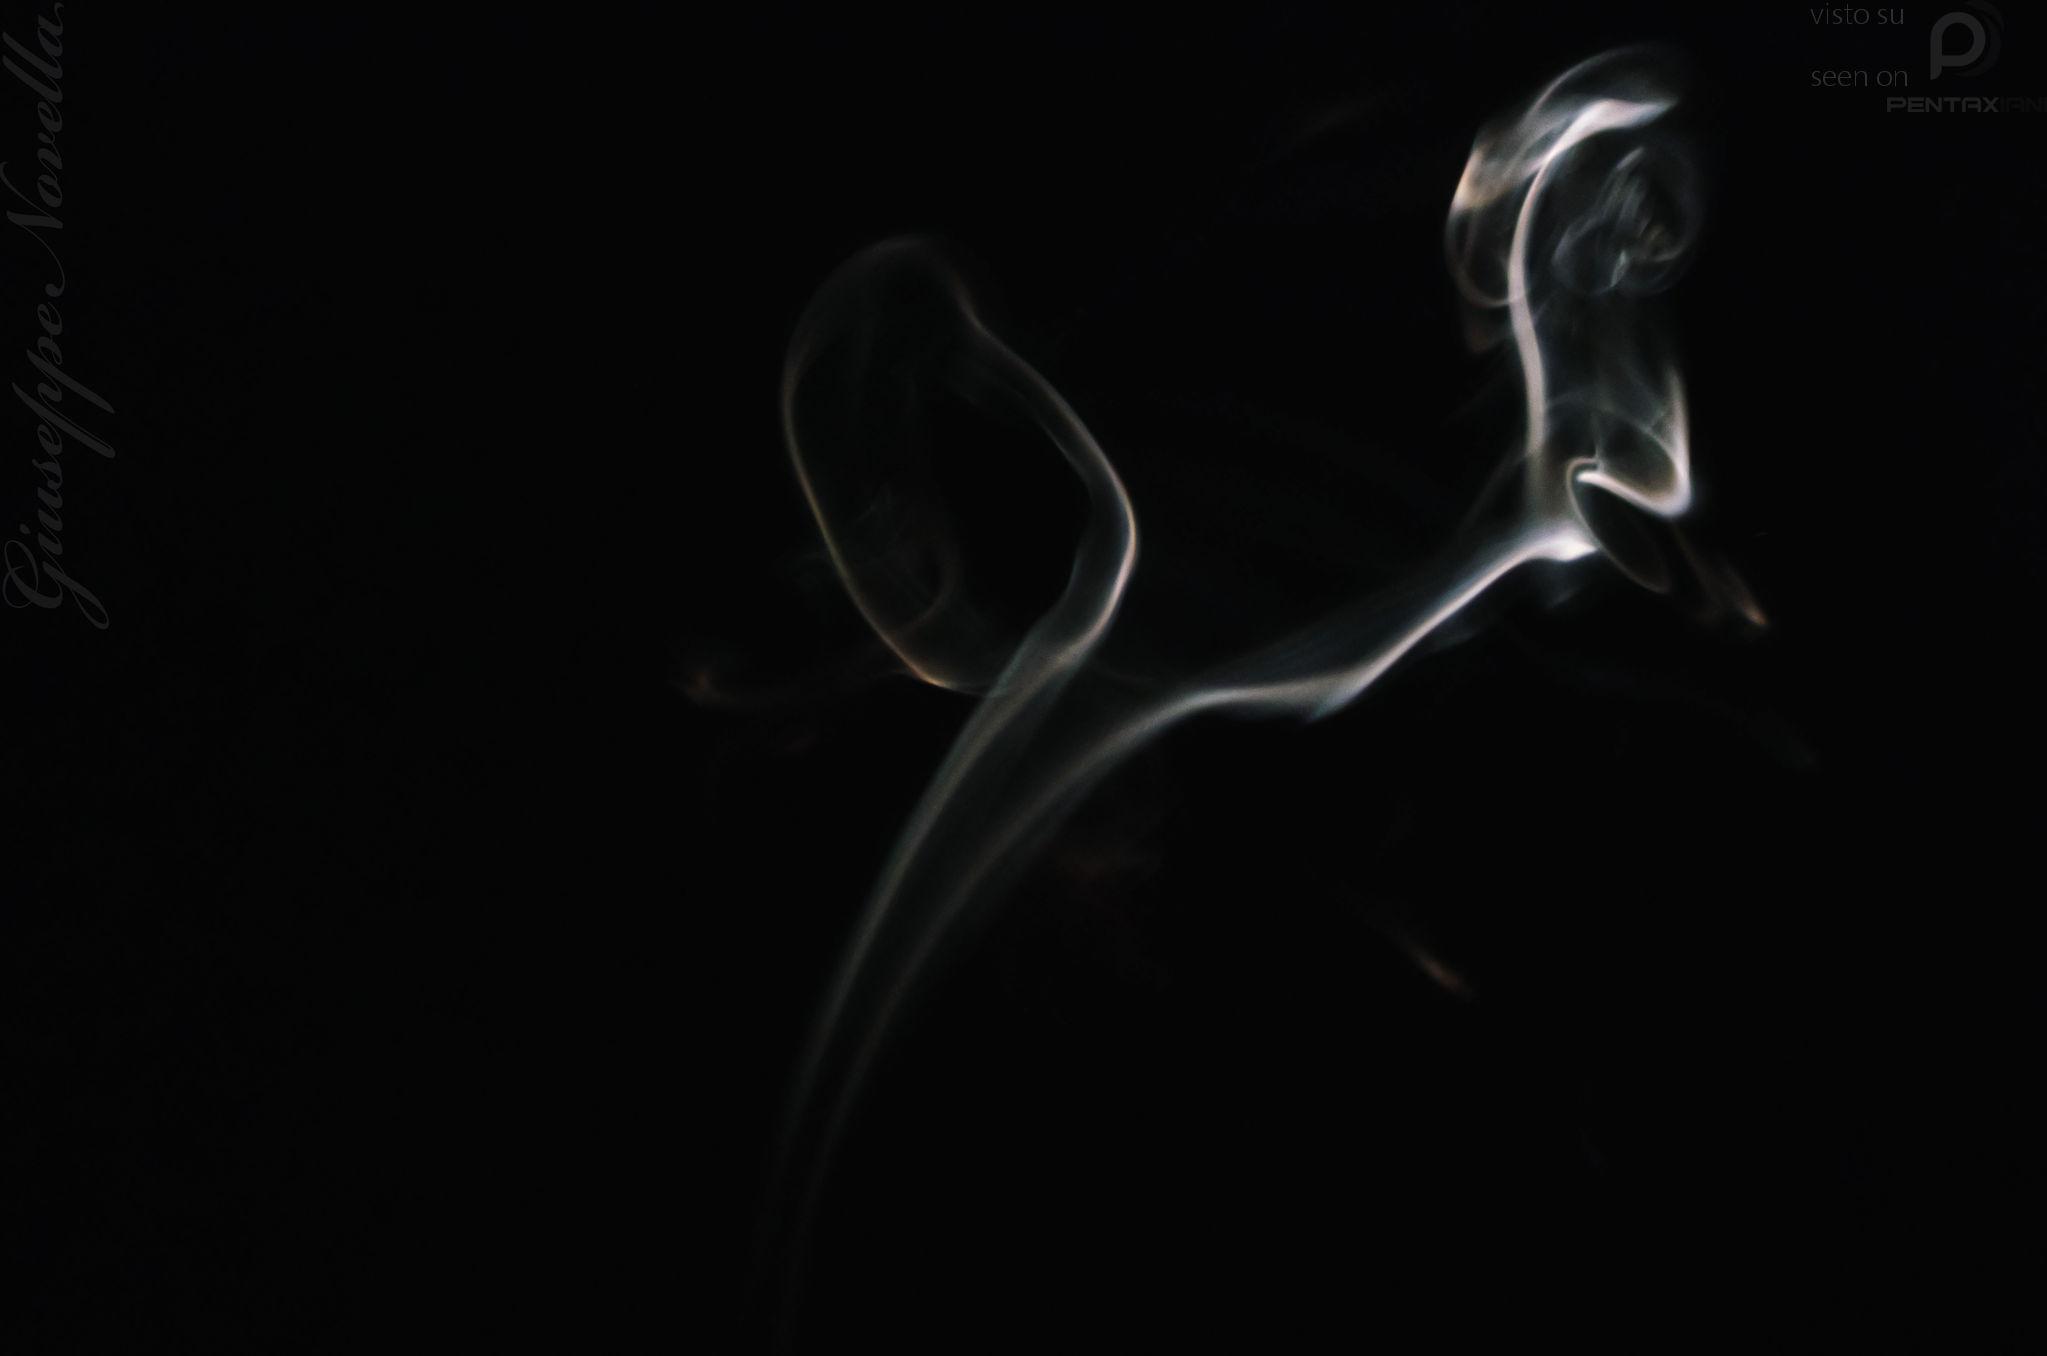 fumo-di-sigaretta-smoke-smoking